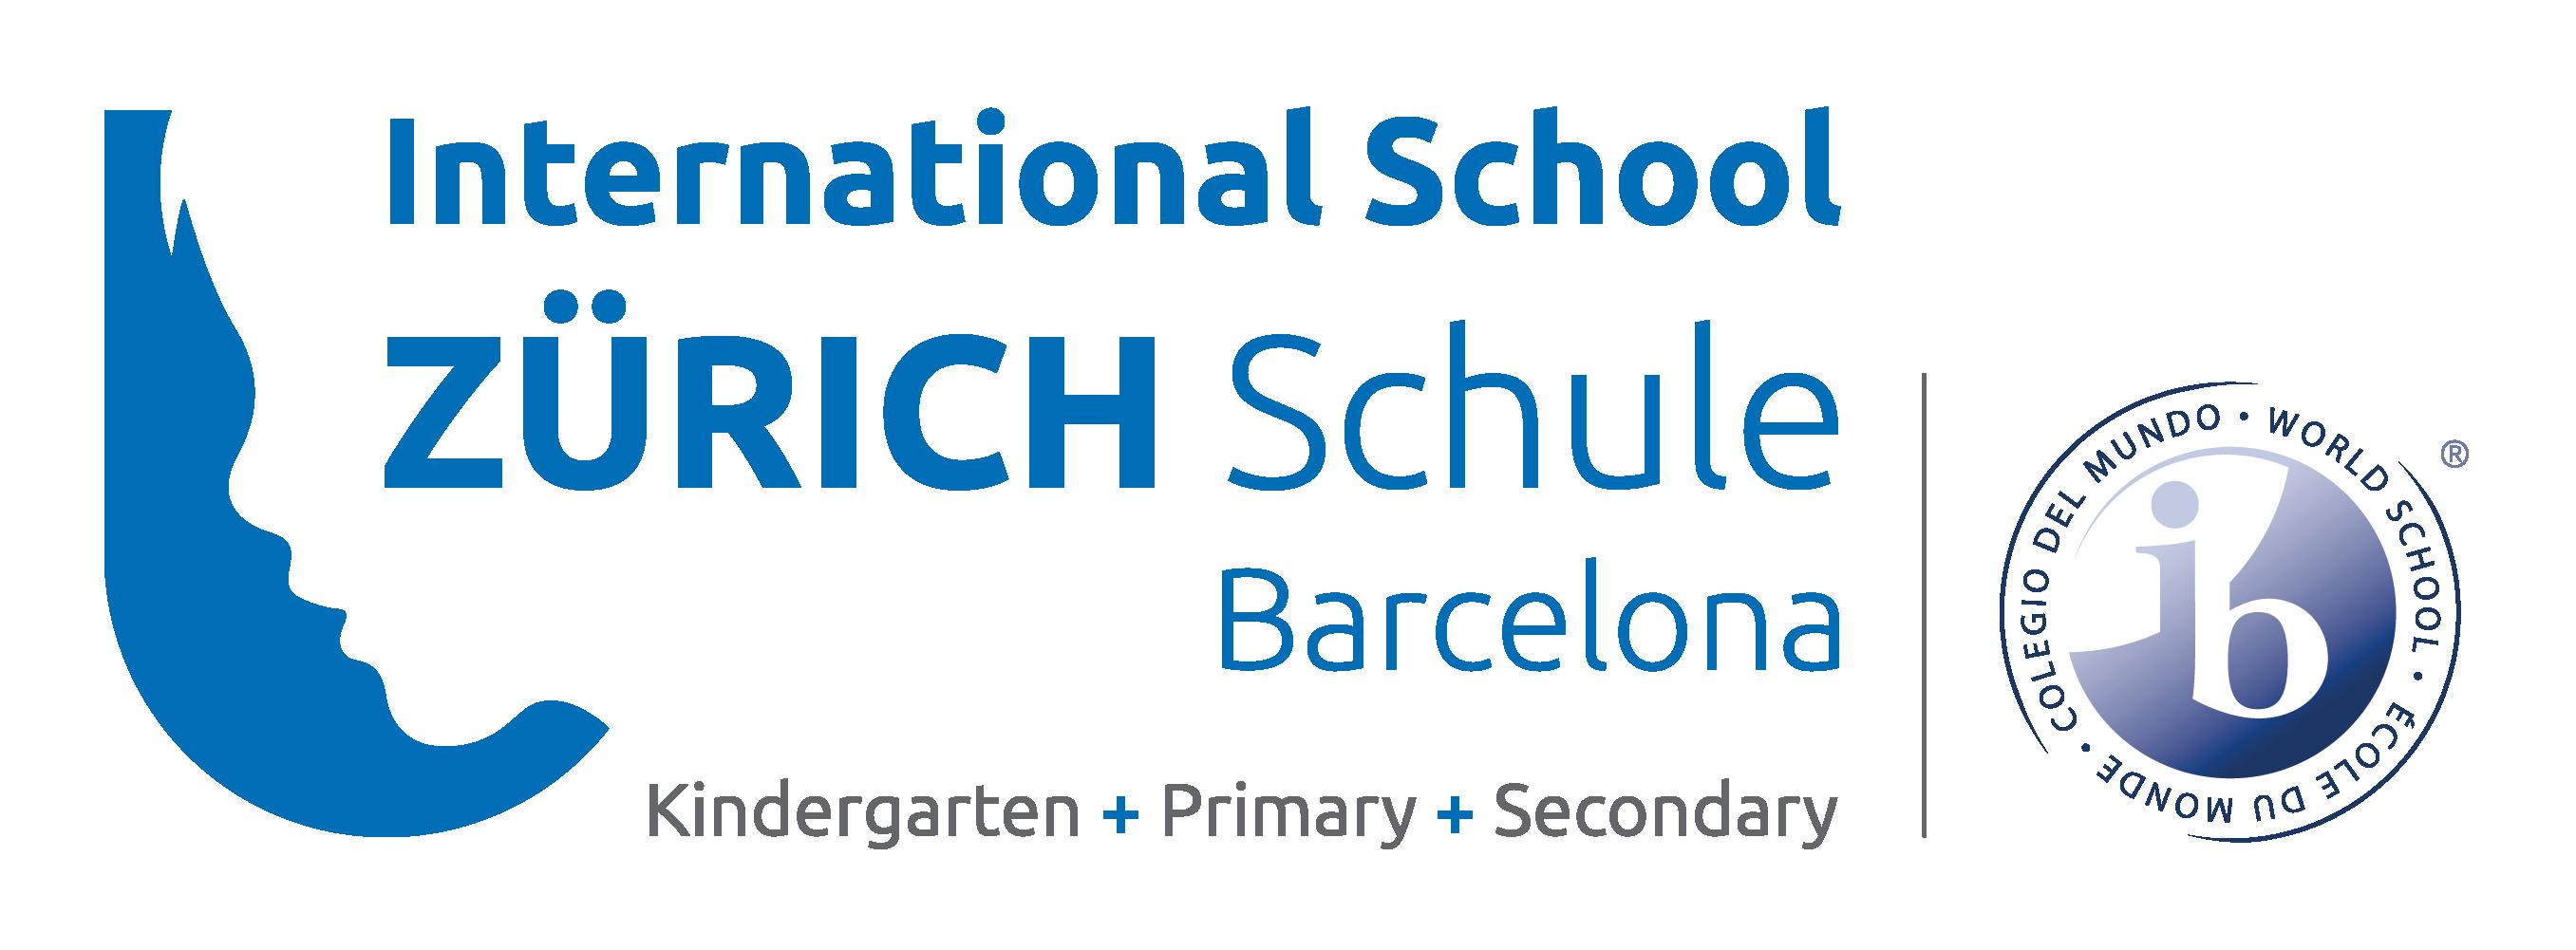 Zürich Schule Barcelona